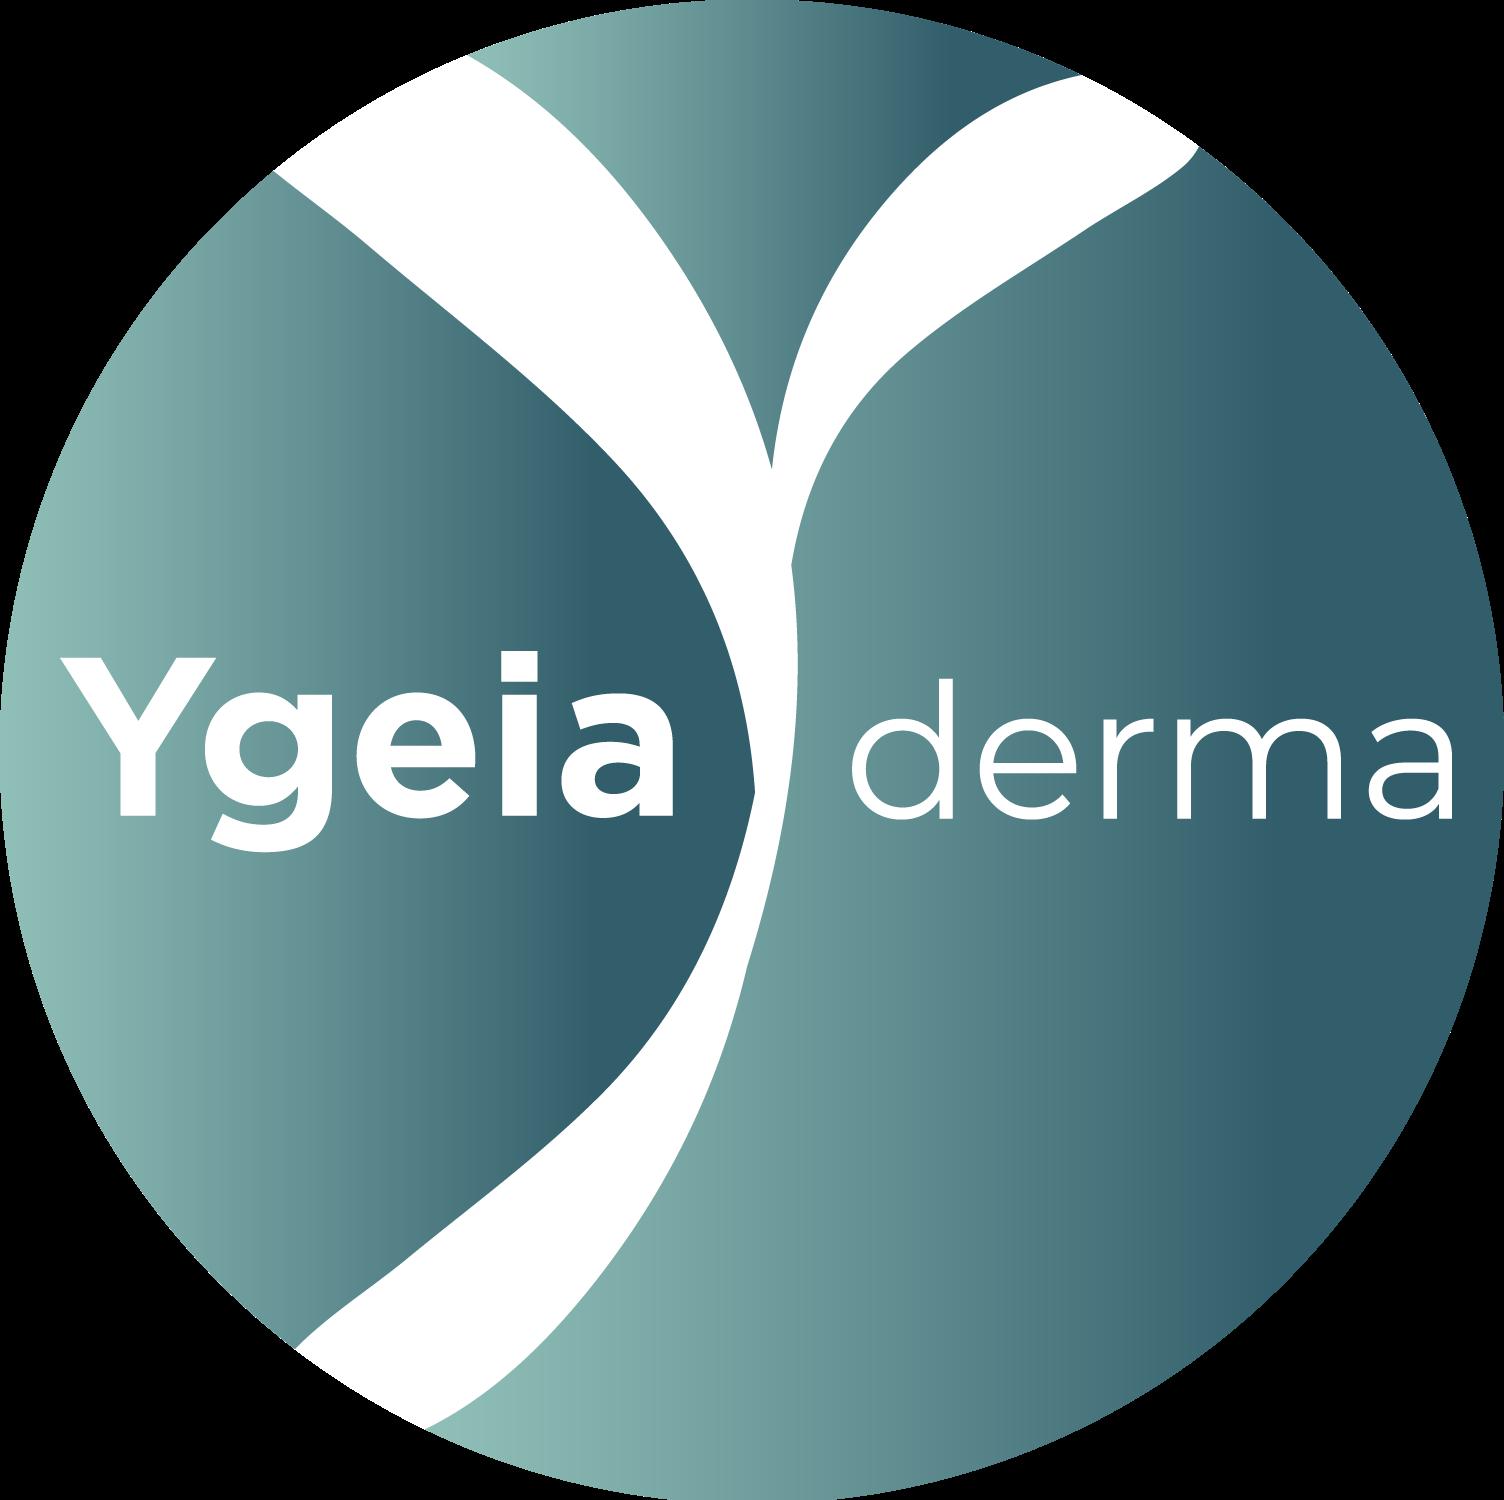 YGEIA DERMA